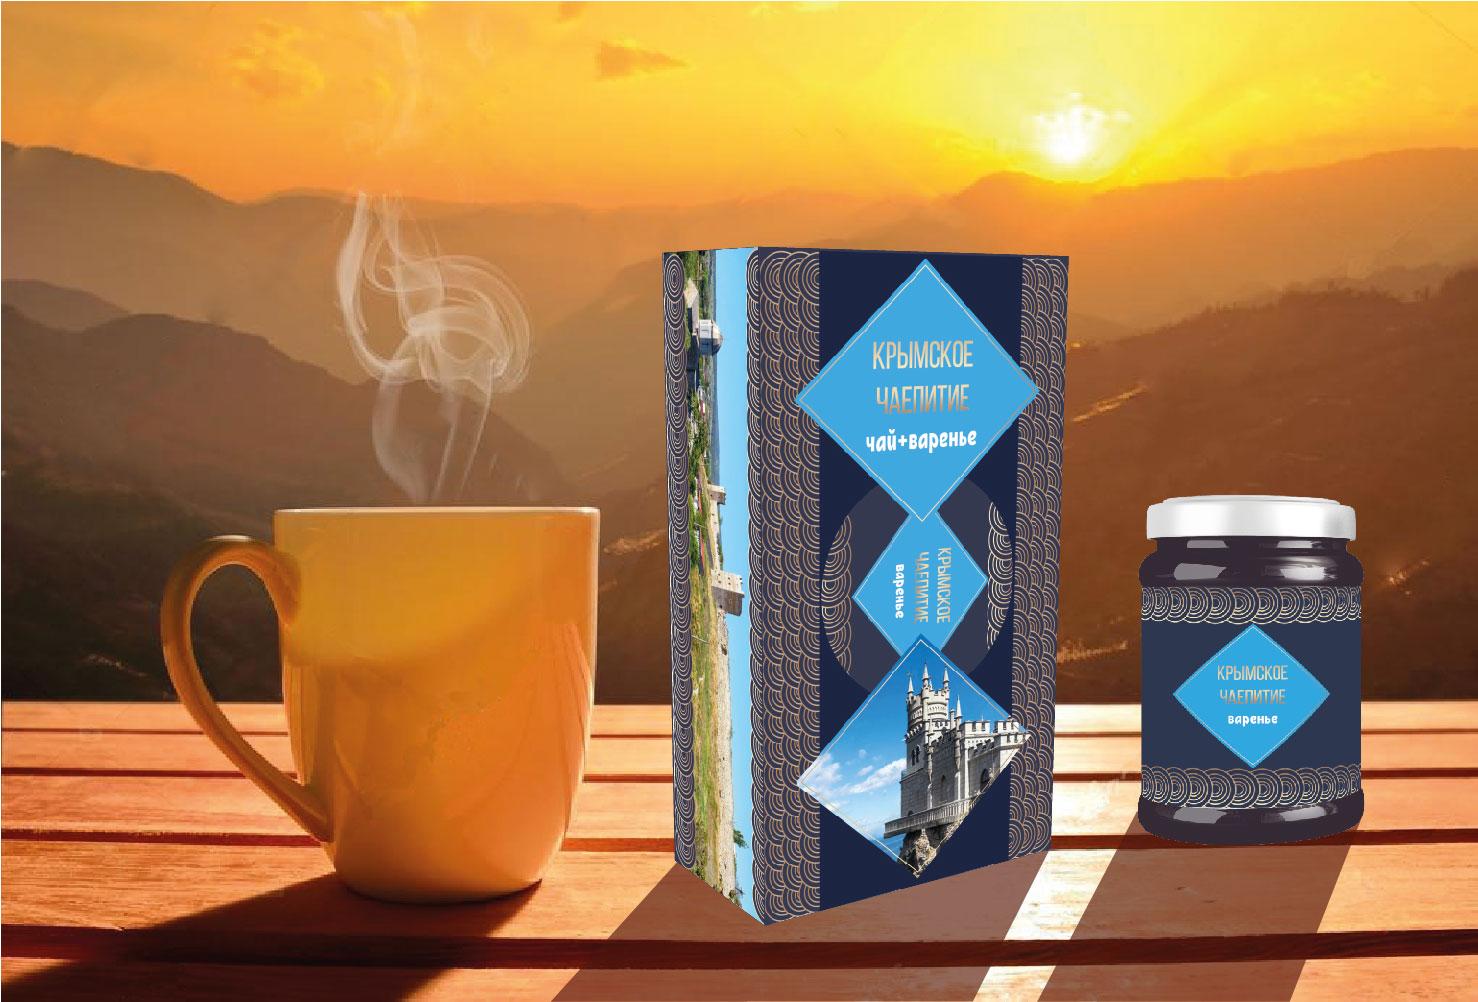 Дизайн подарочной-сувенирной коробки: с чаем и варением фото f_3355a5506f275aec.jpg